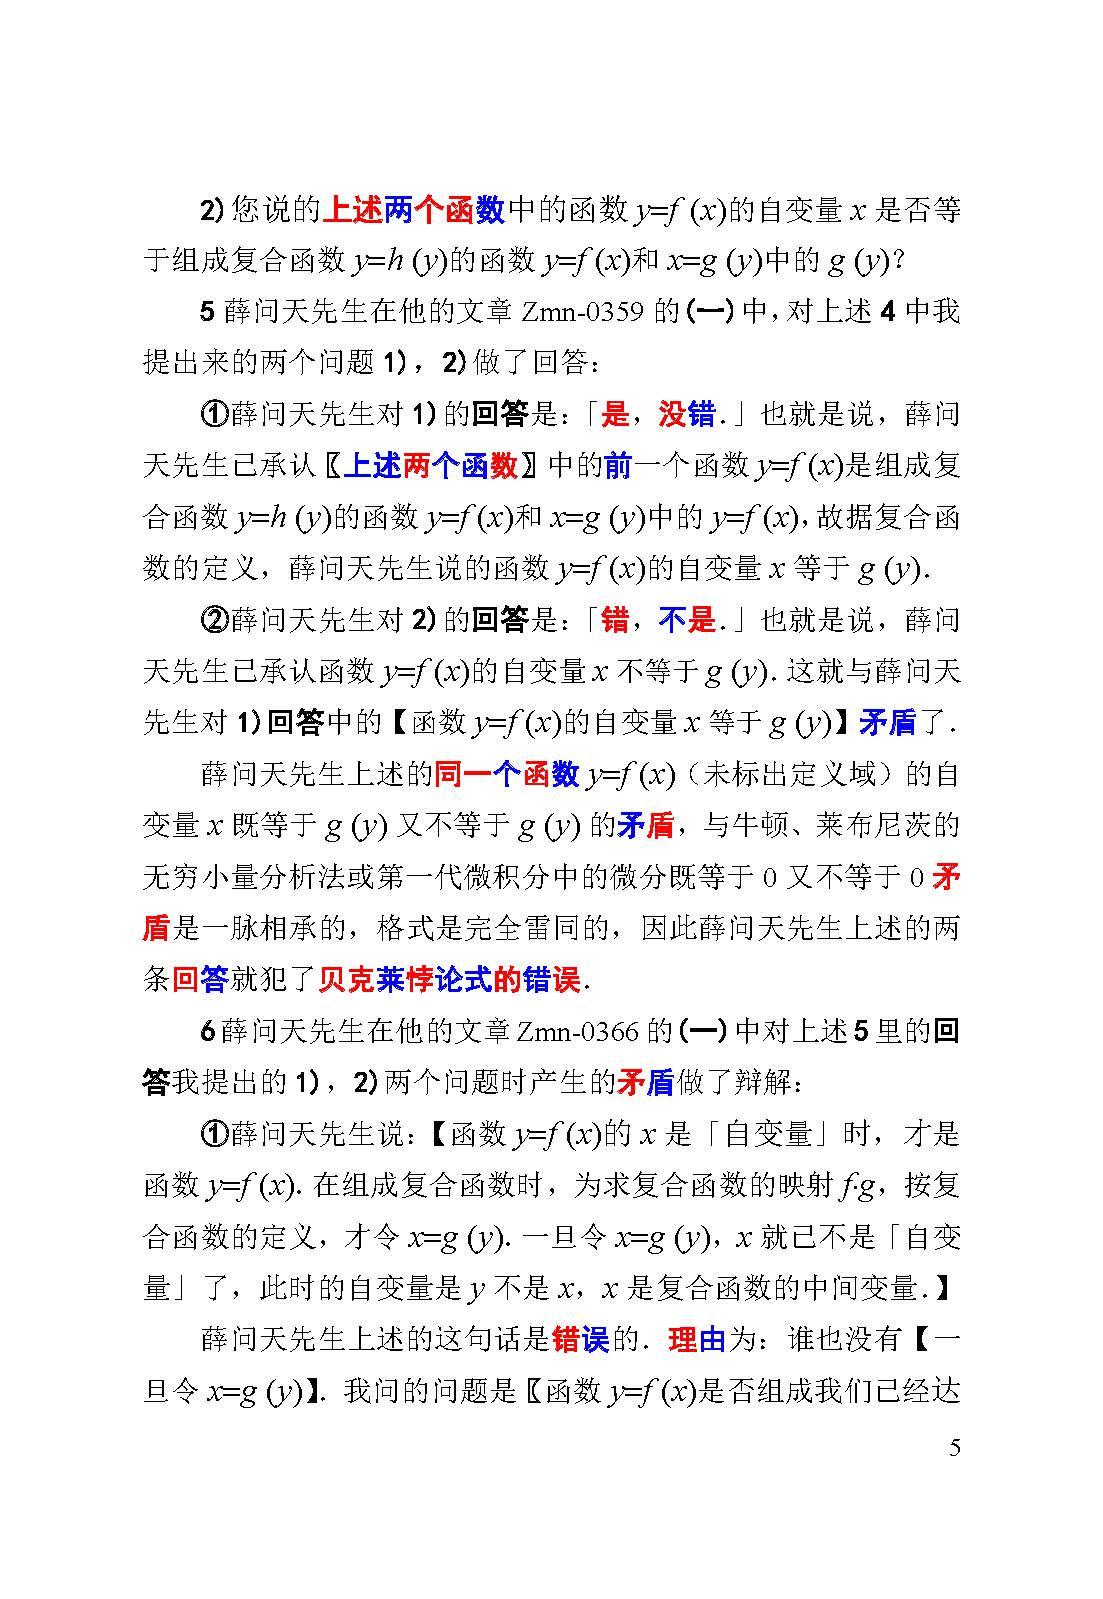 评薛问天先生的文章0366_页面_05.jpg